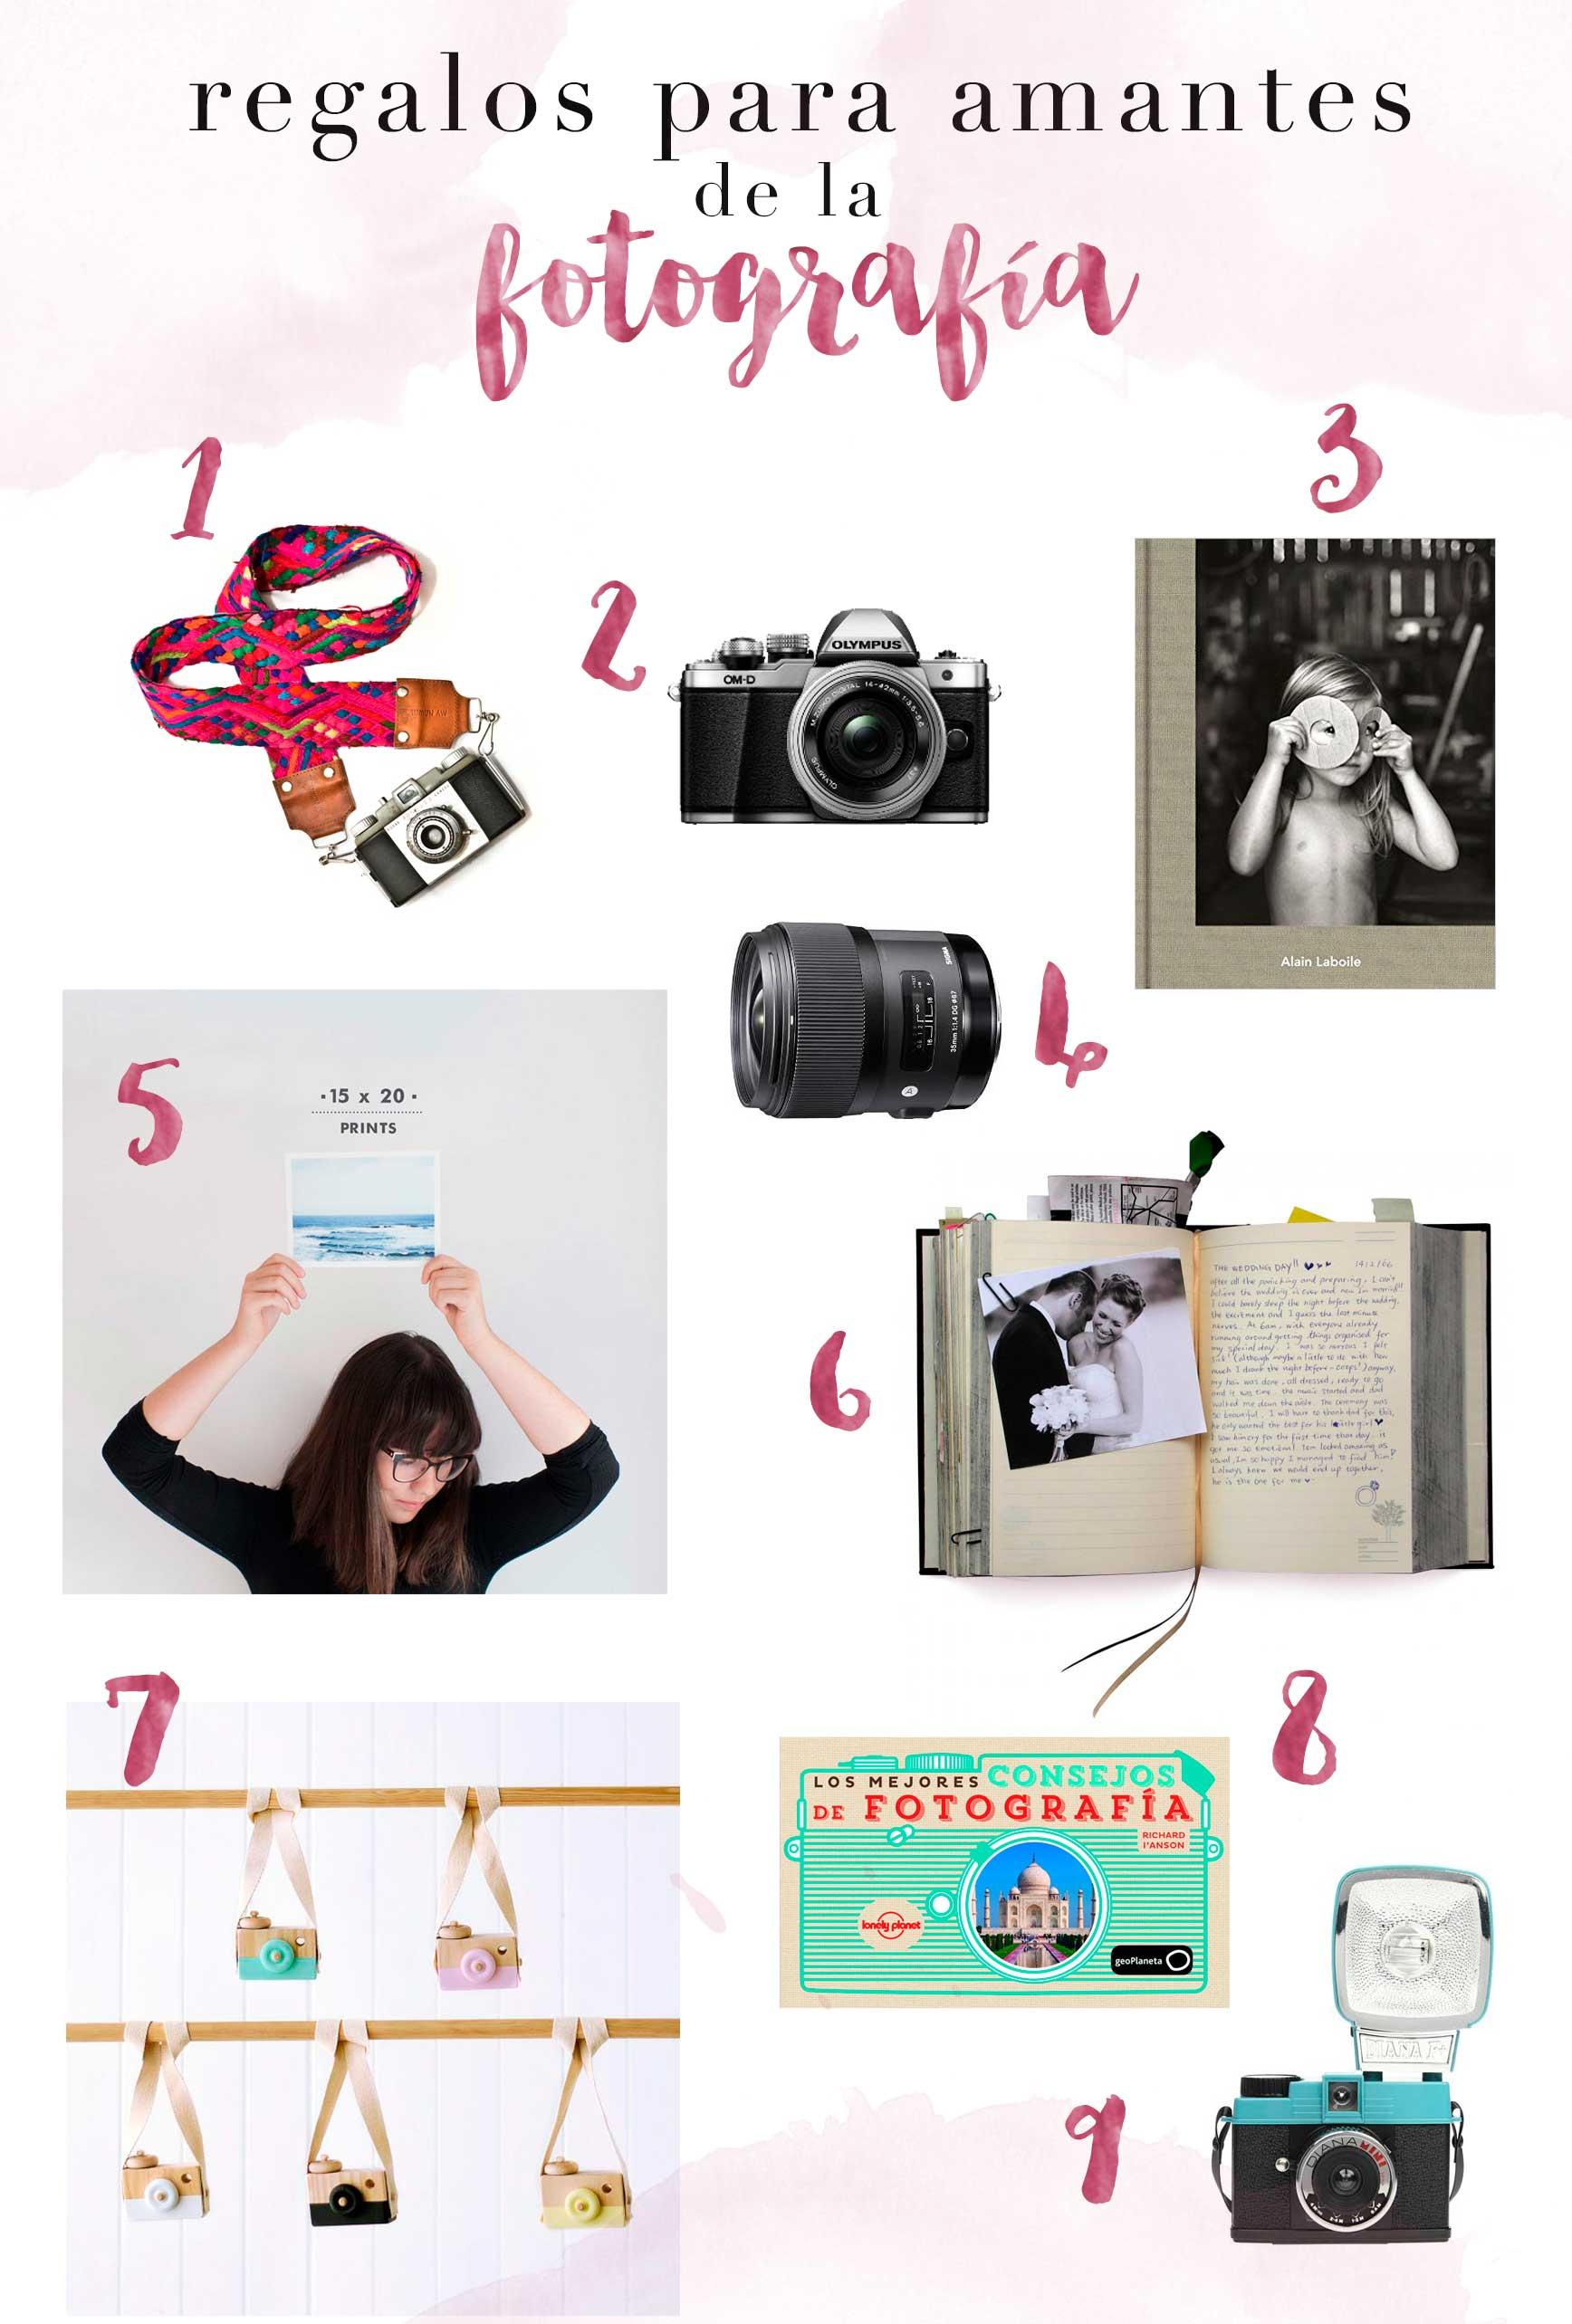 Wishlist de regalos para amantes de la fotografía